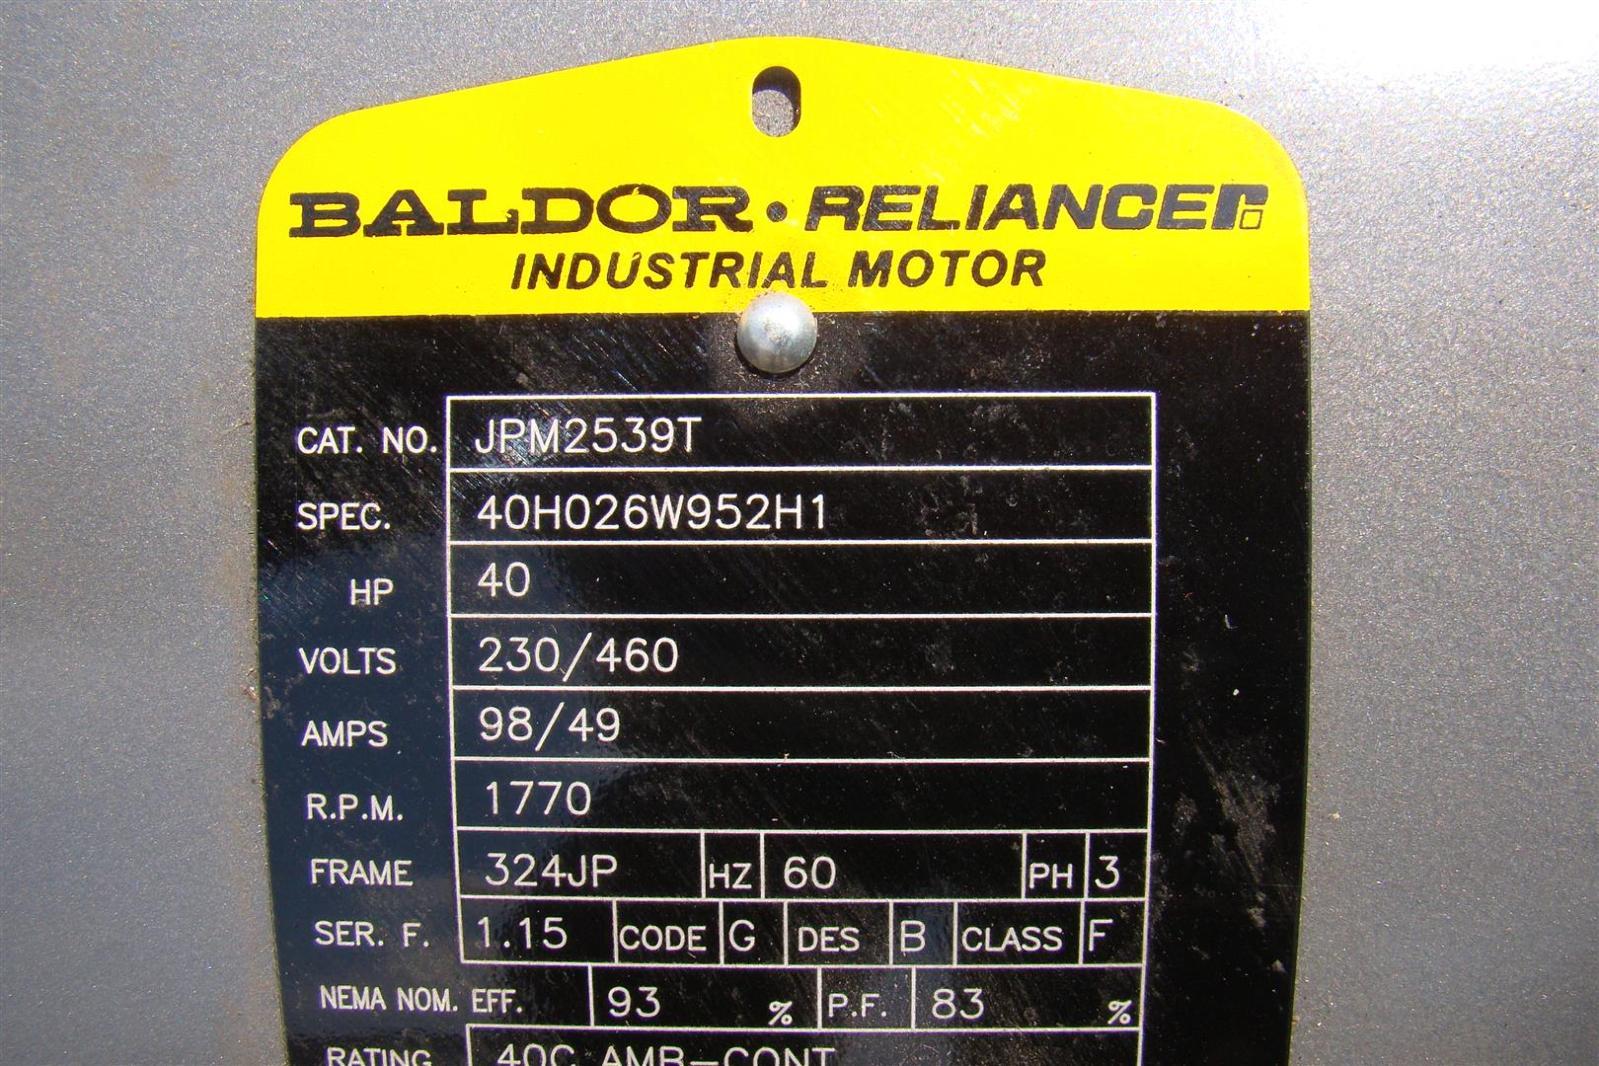 Baldor Reliancer Industrial Motor 40hp 230 460v 98 49amps